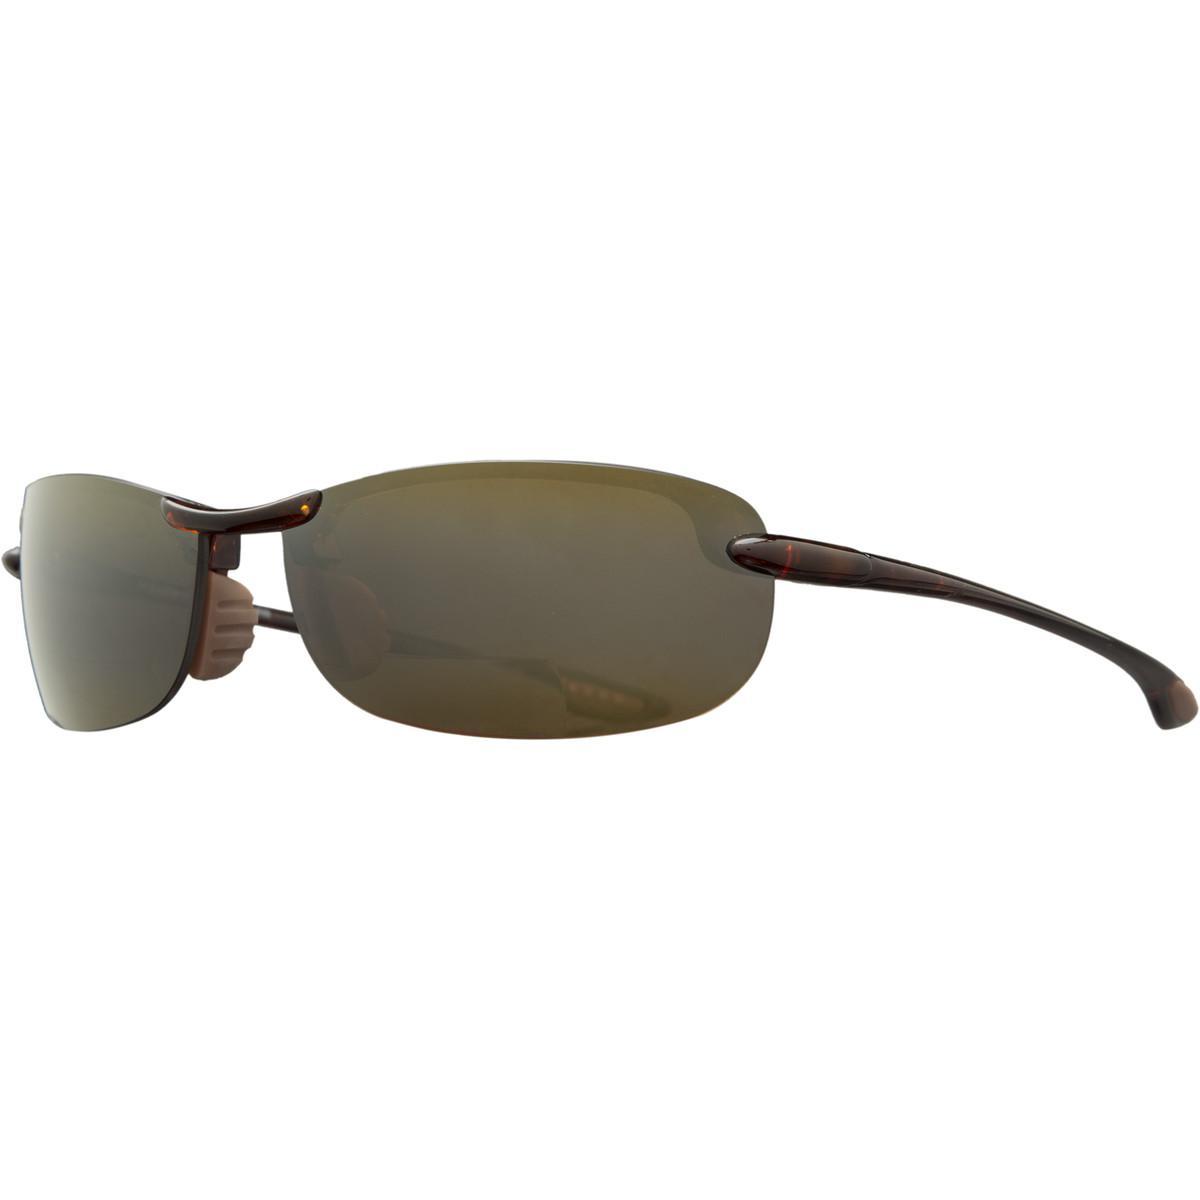 c589169c2a Lyst - Maui Jim Makaha Mauireader Sunglasses - Polarized for Men